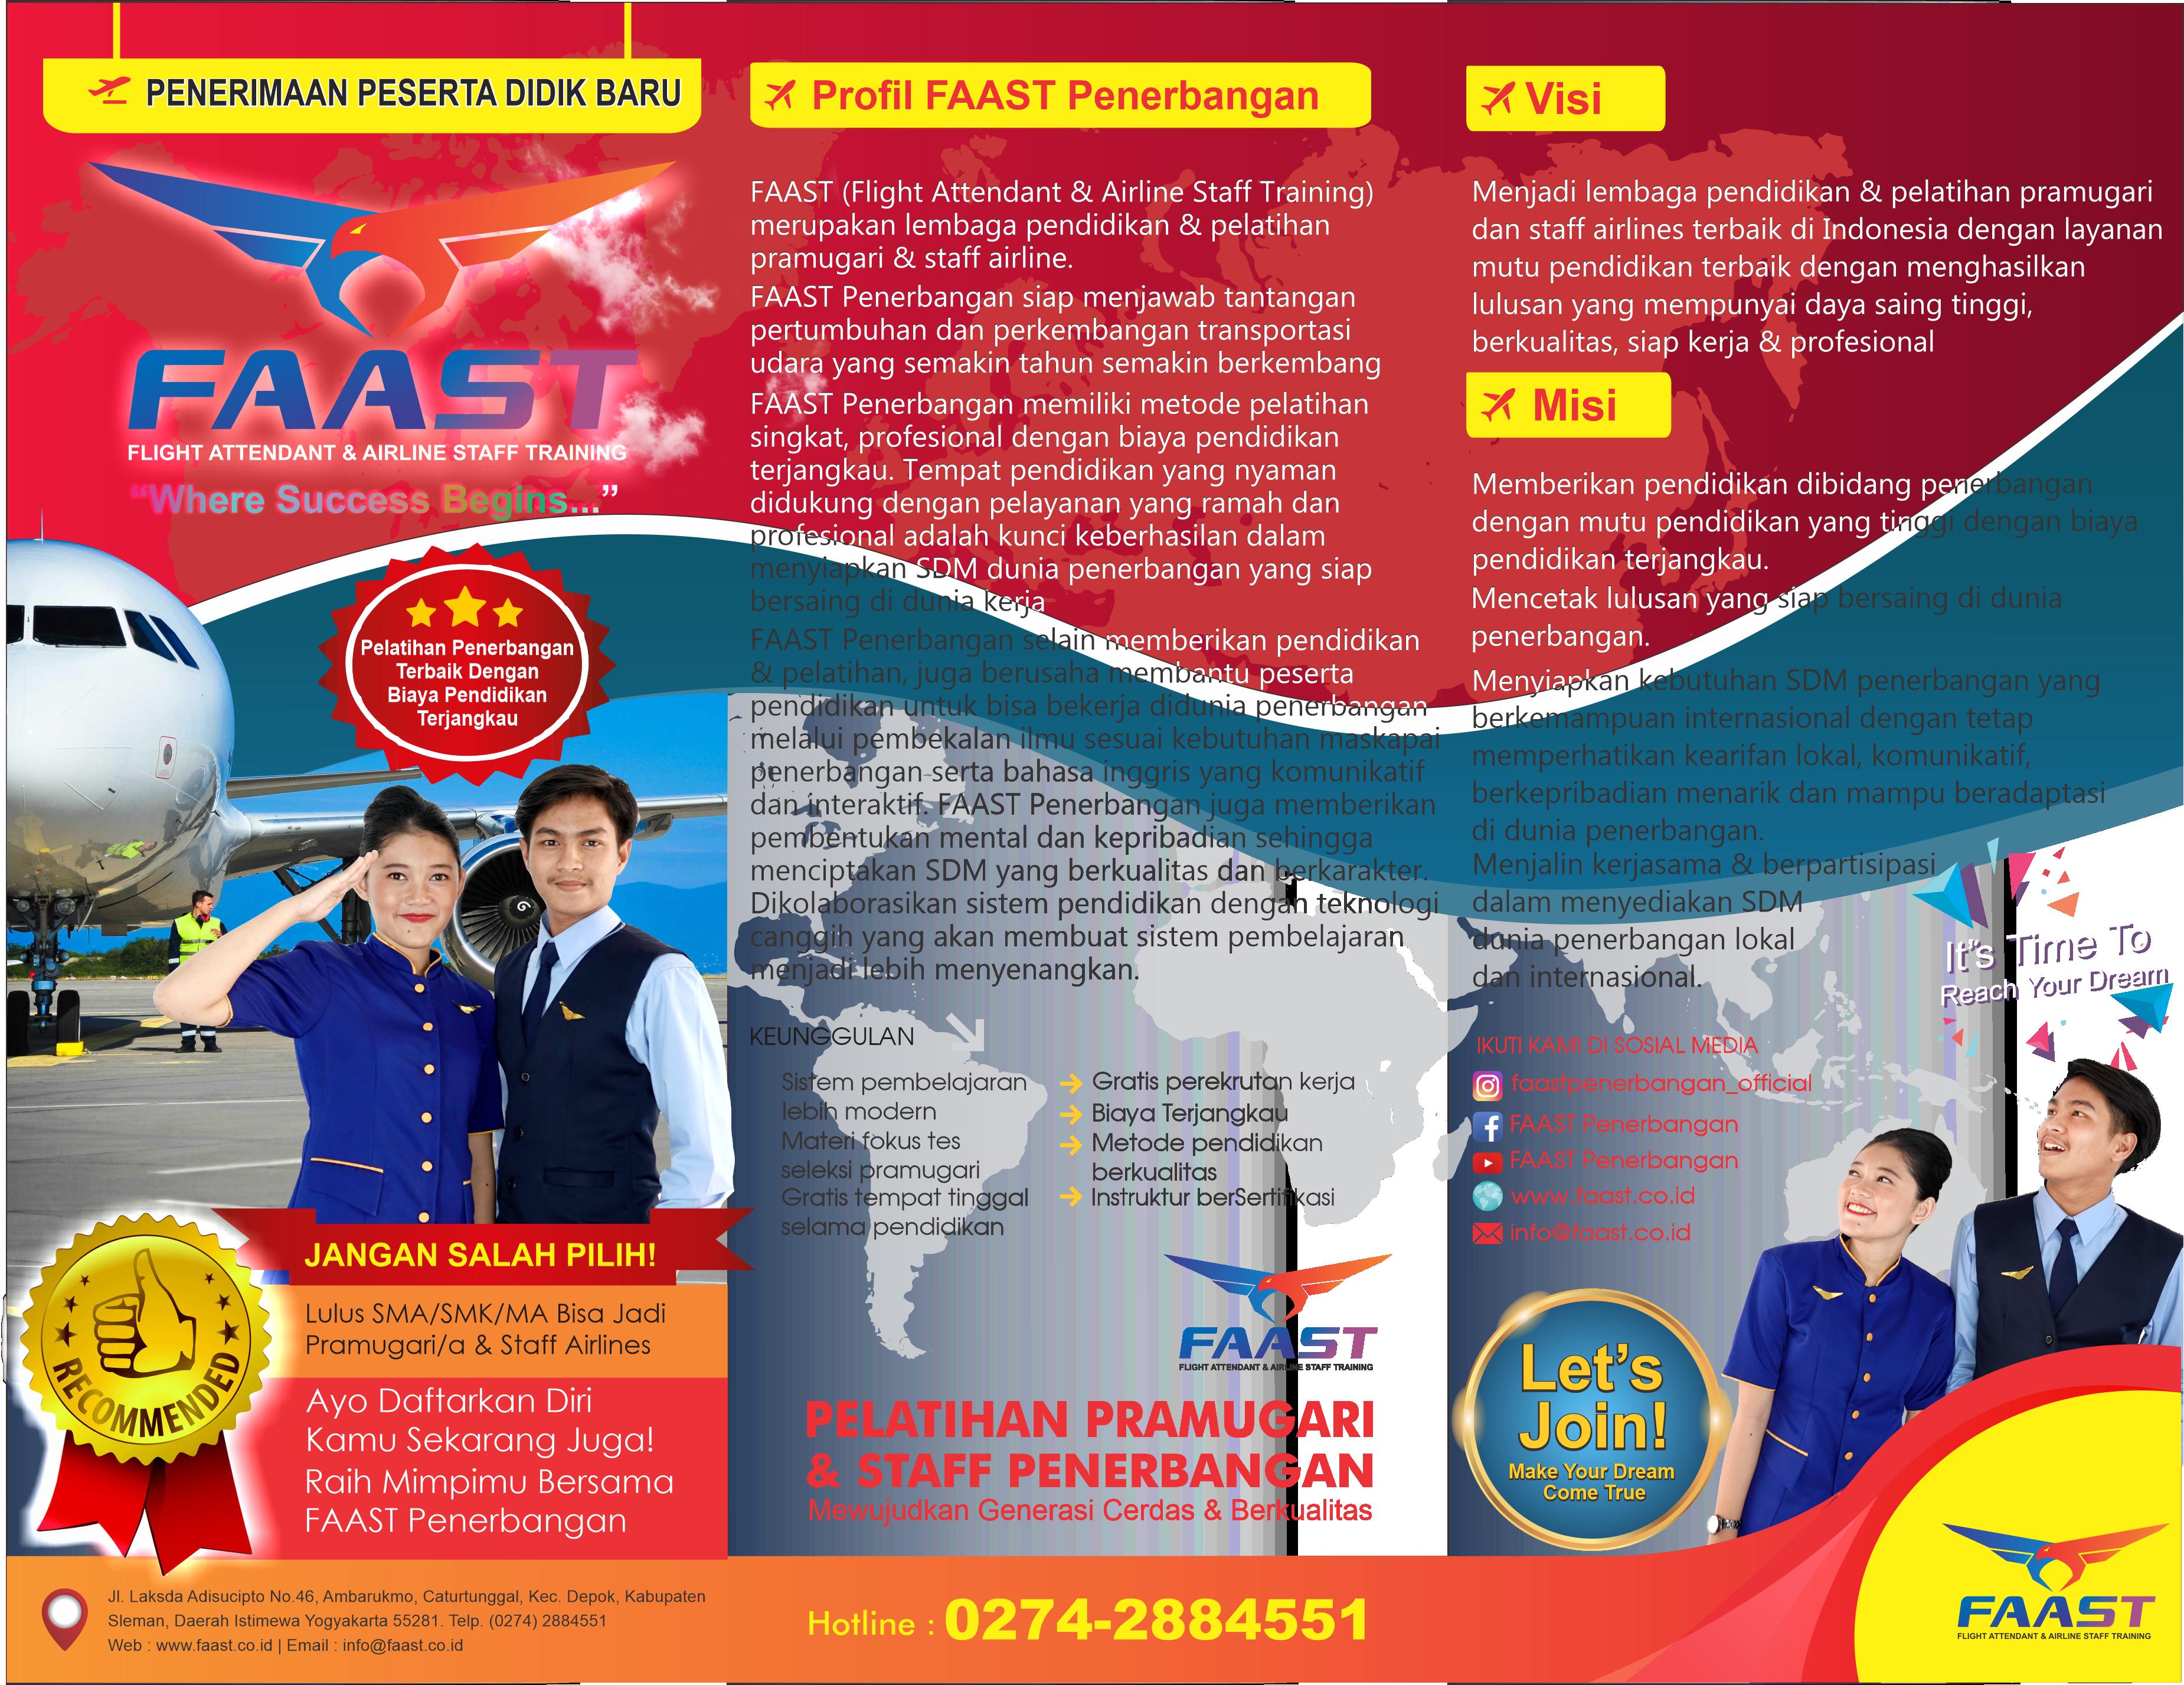 Brosur Sekolah Pramugari Pramugara Faast Penerbangan Download